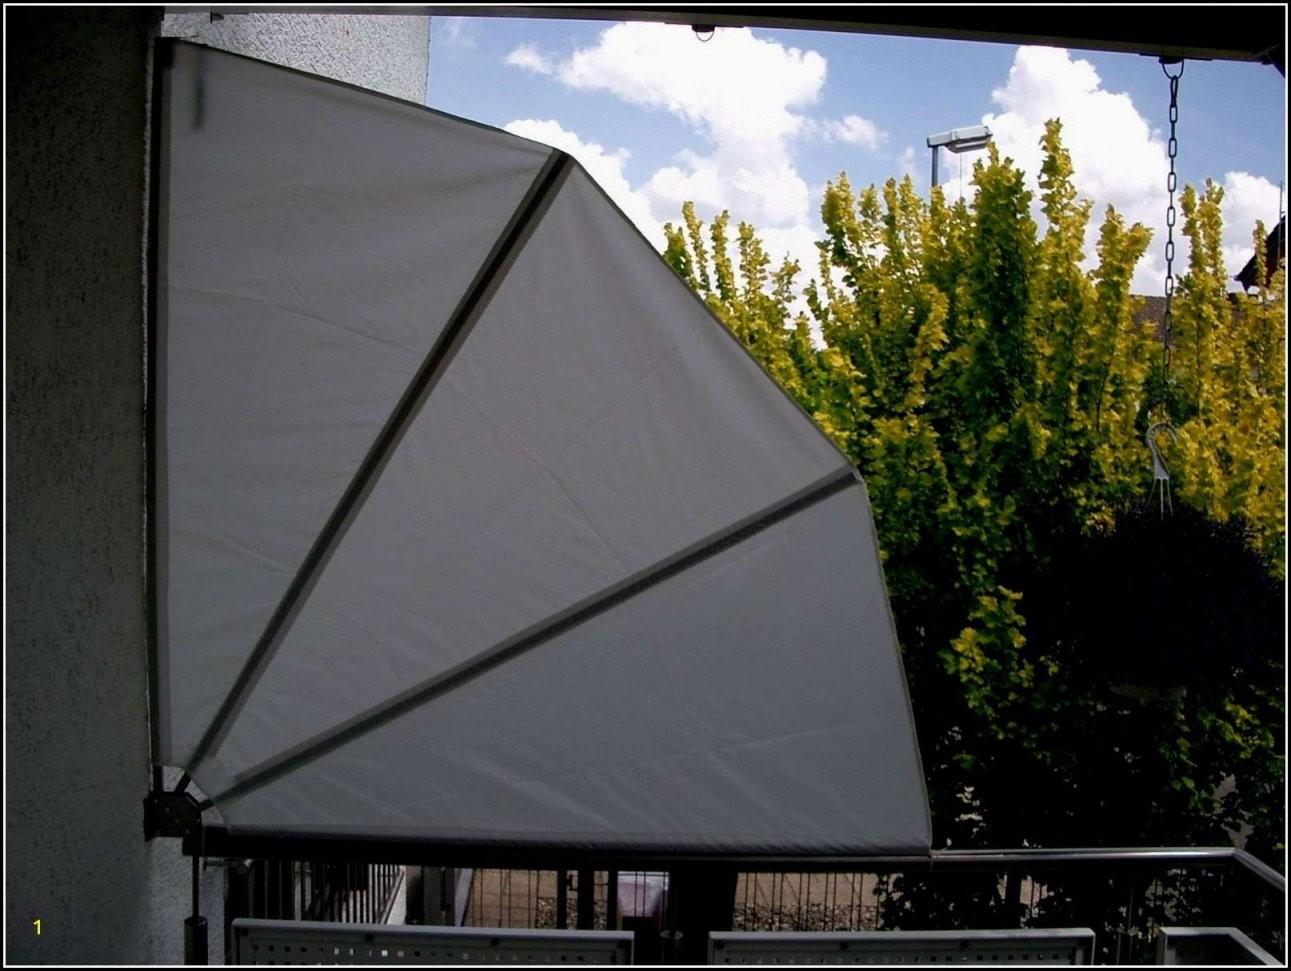 25 Frisch Balkon Sichtschutz Fächer Ohne Bohren Das Beste Von Planen von Balkon Sichtschutz Fächer Ohne Bohren Bild